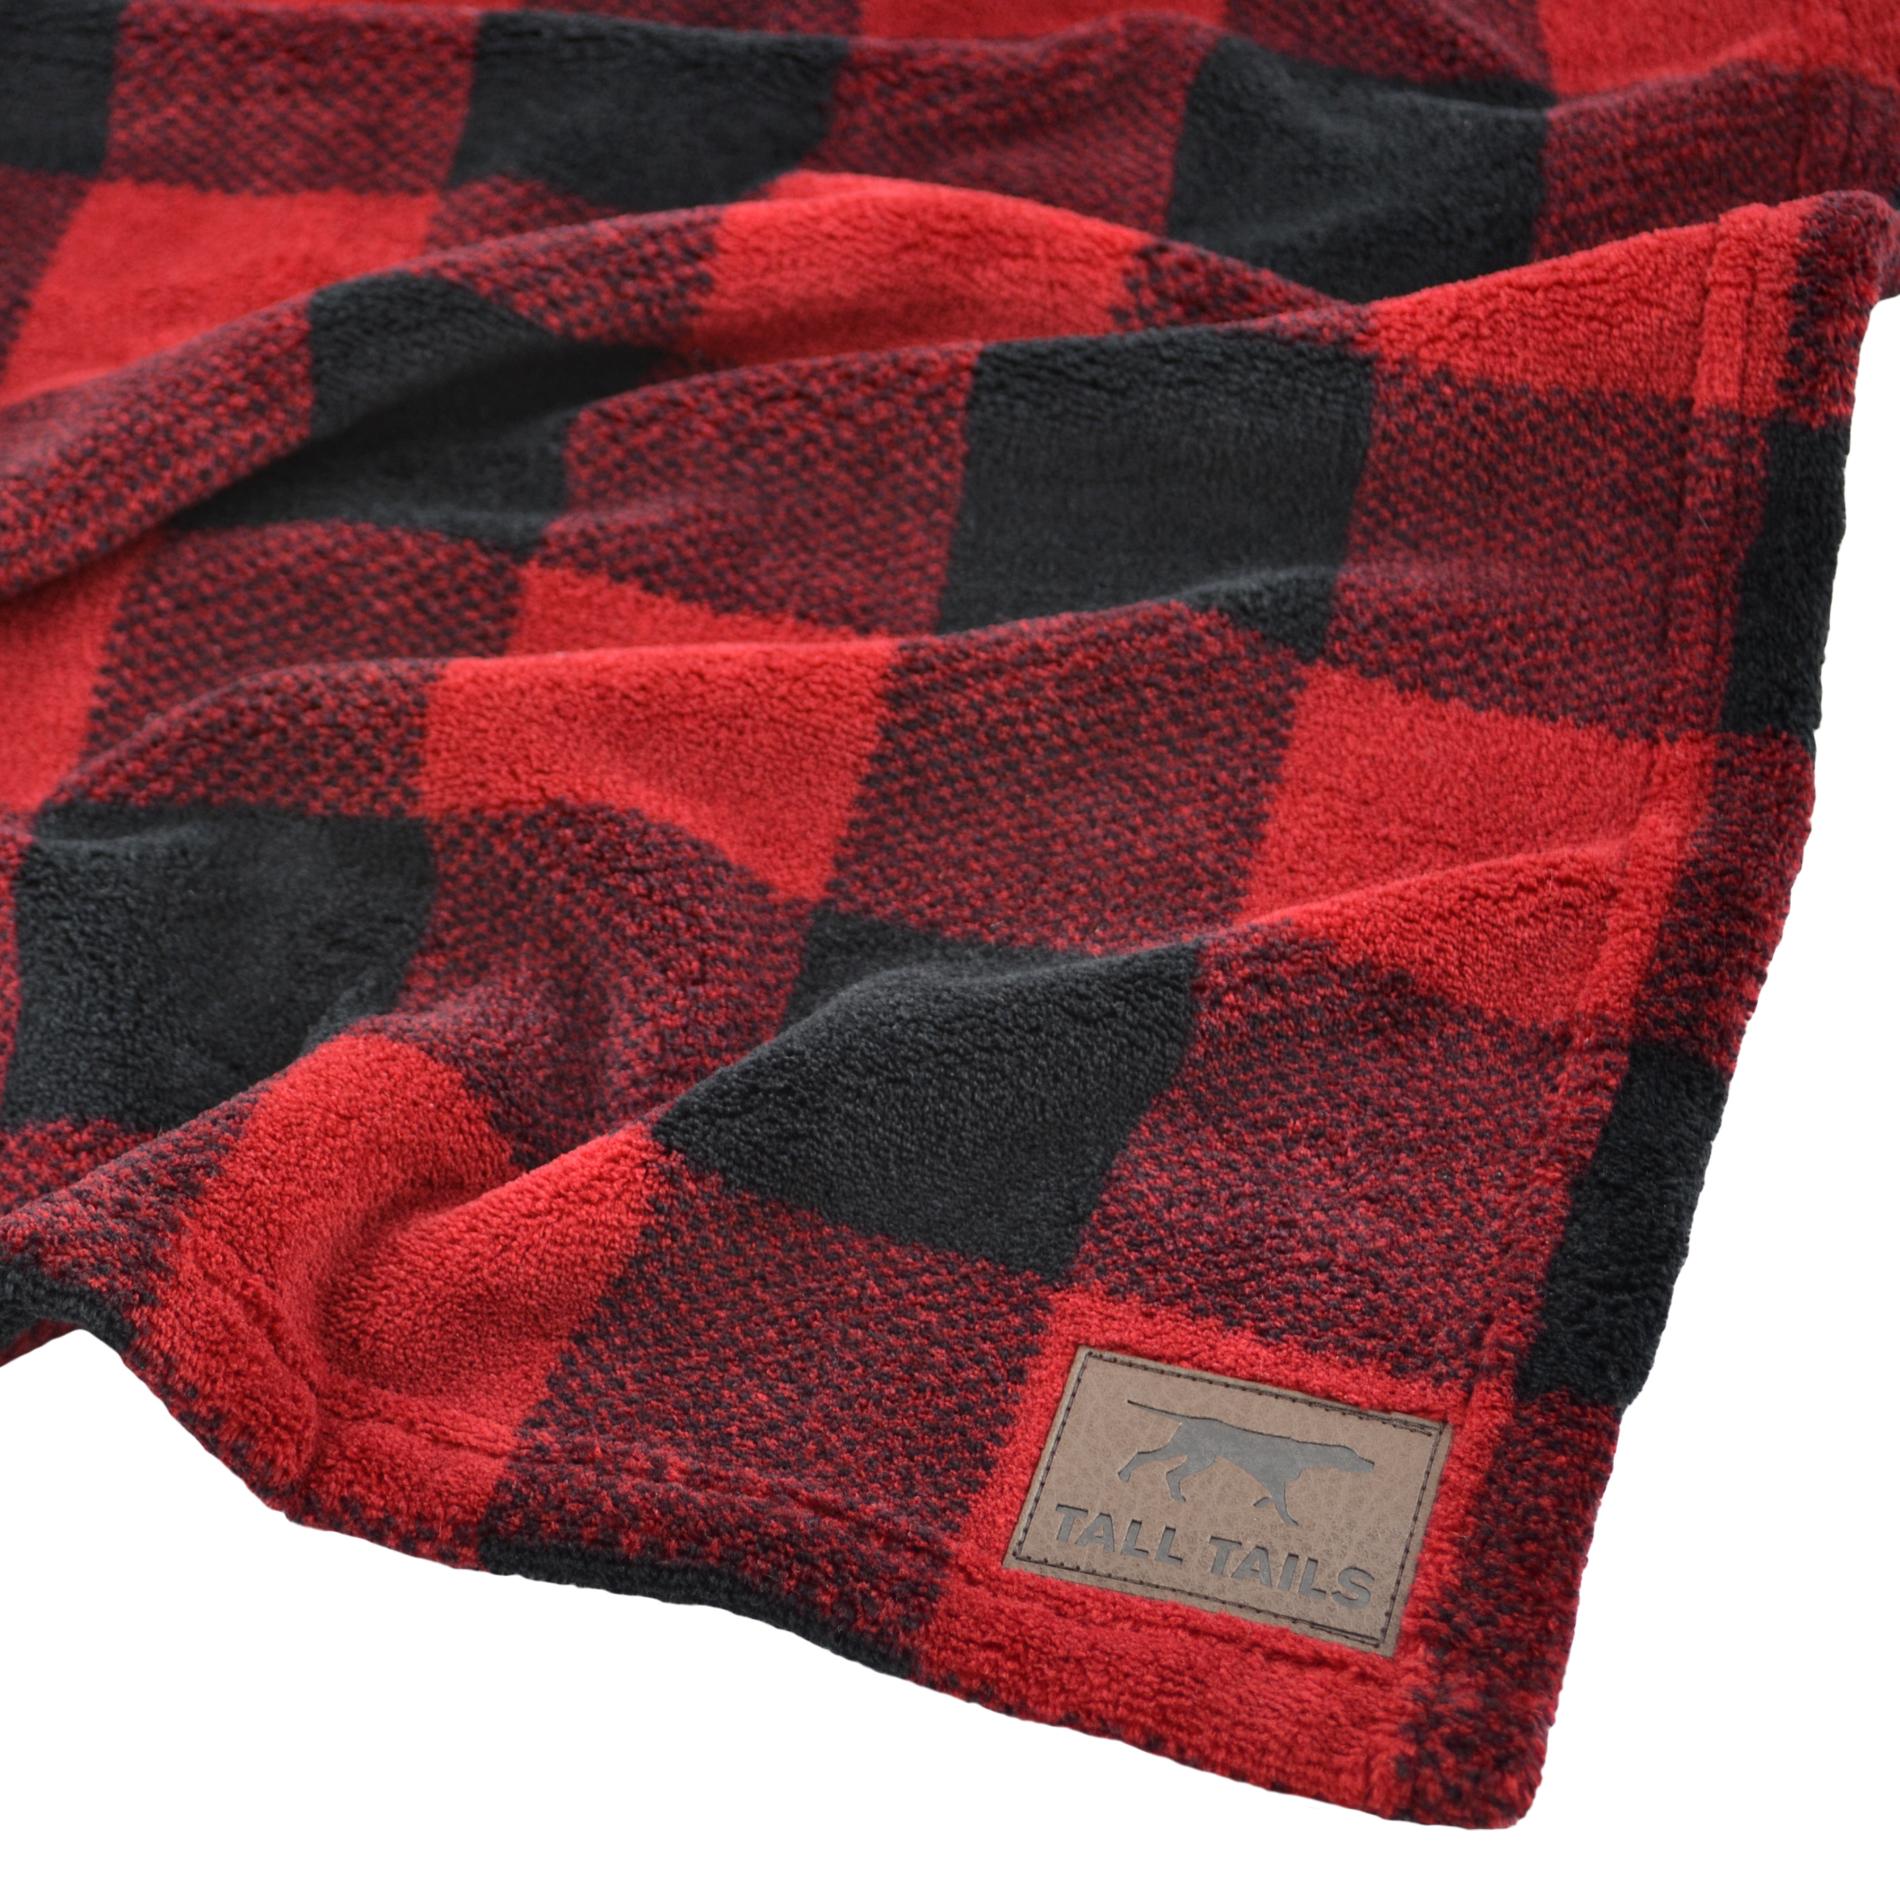 Tall Tails Dog Blanket, Hunter's Plaid, 30 x 40